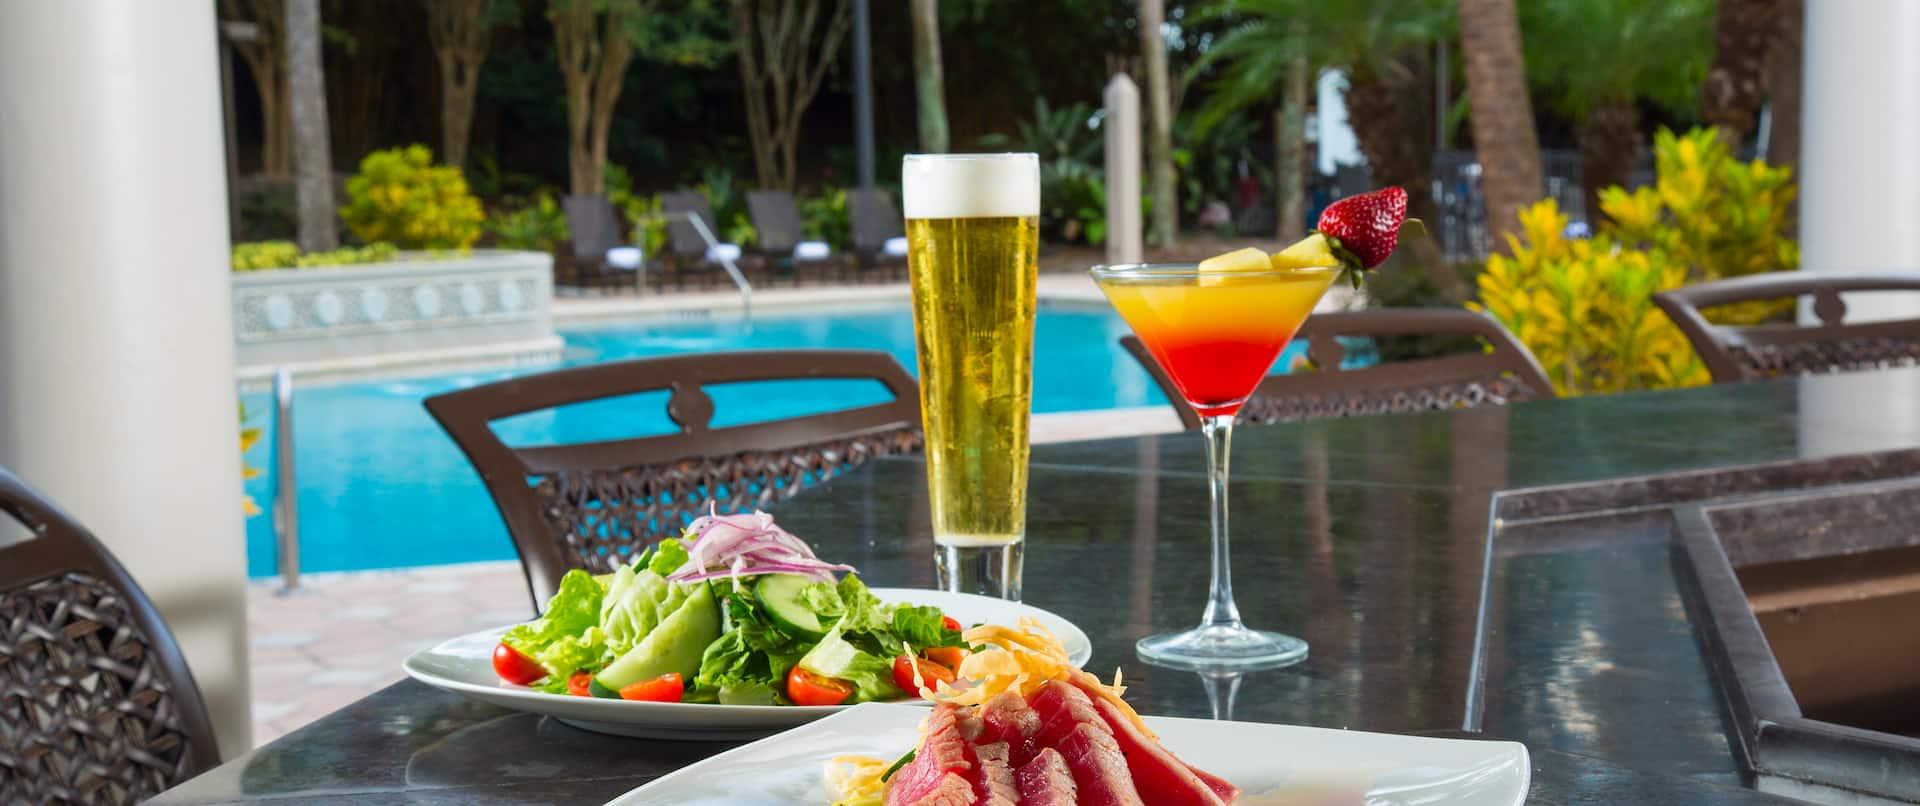 Pool Bar Food and Drinks